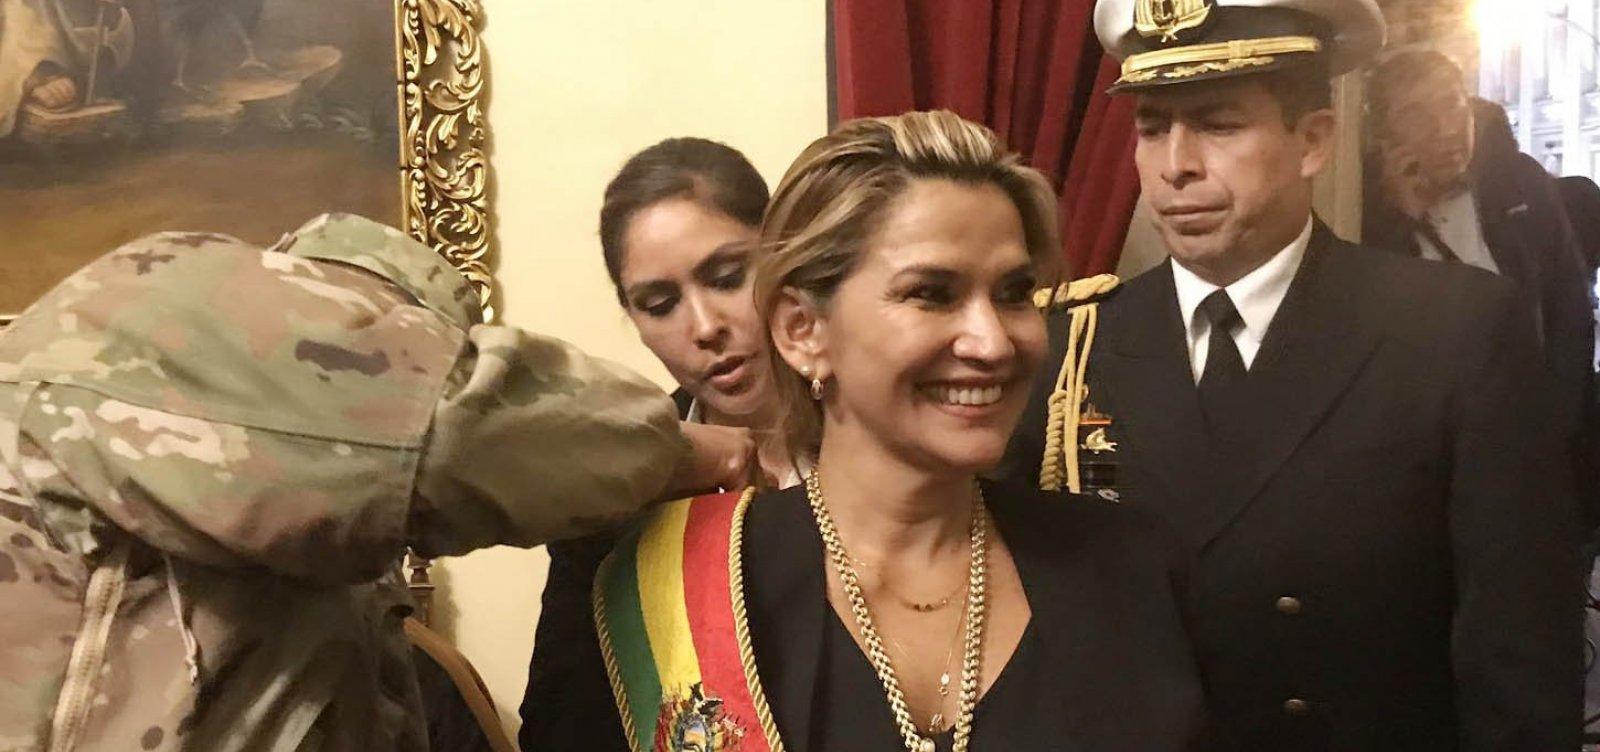 [Presidente interina se aproxima de militares na Bolívia]